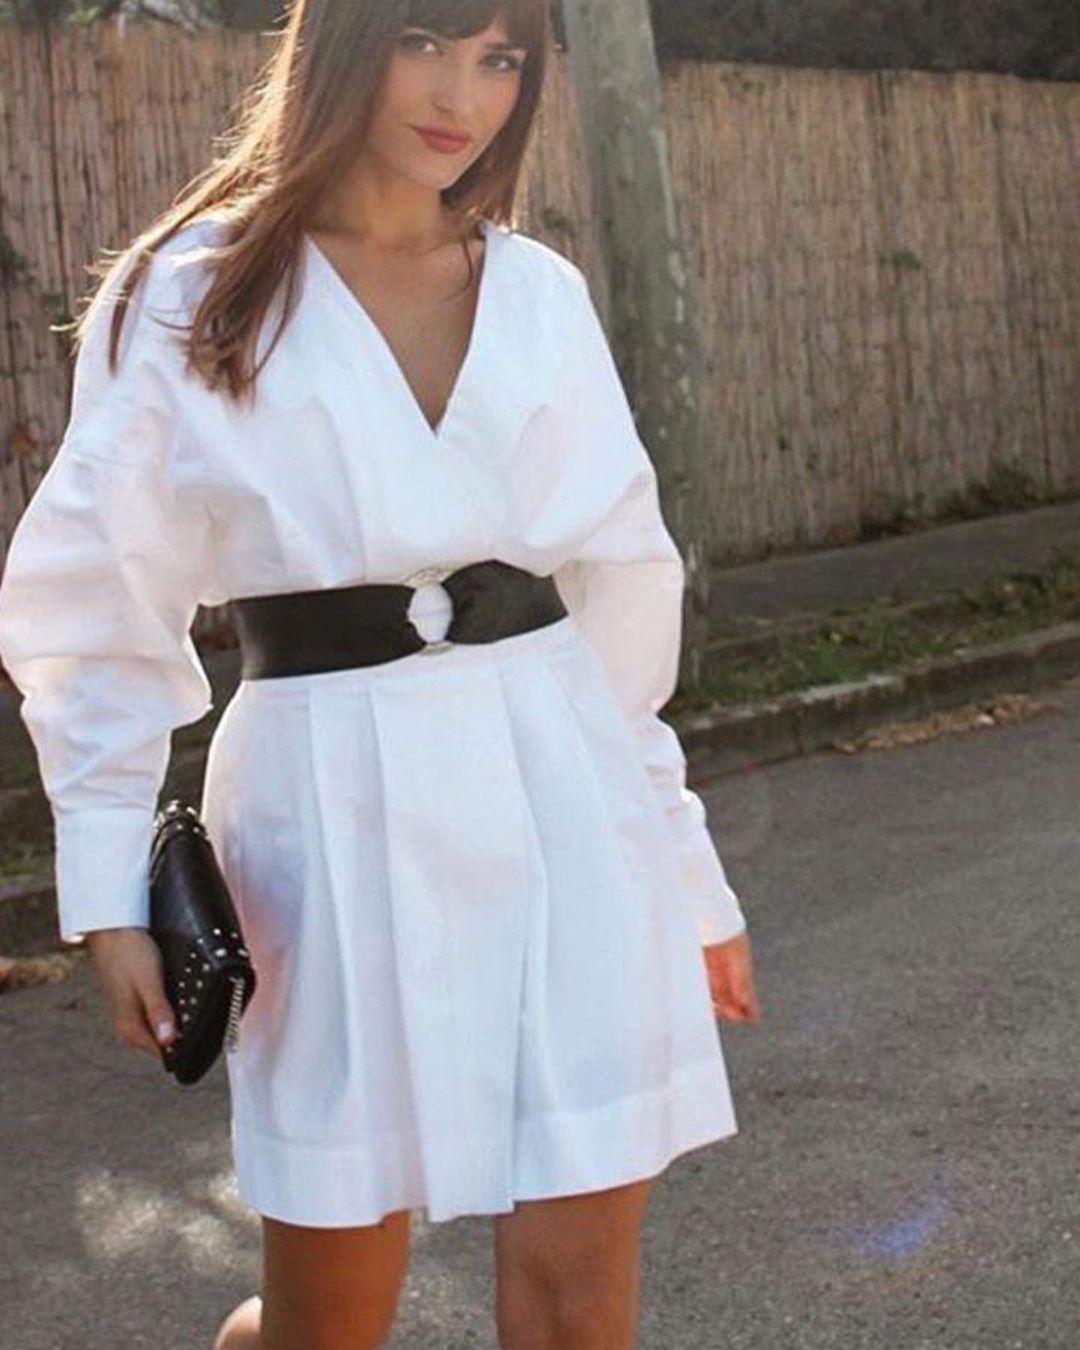 crossover dress de Zara sur look_by_zara_hm